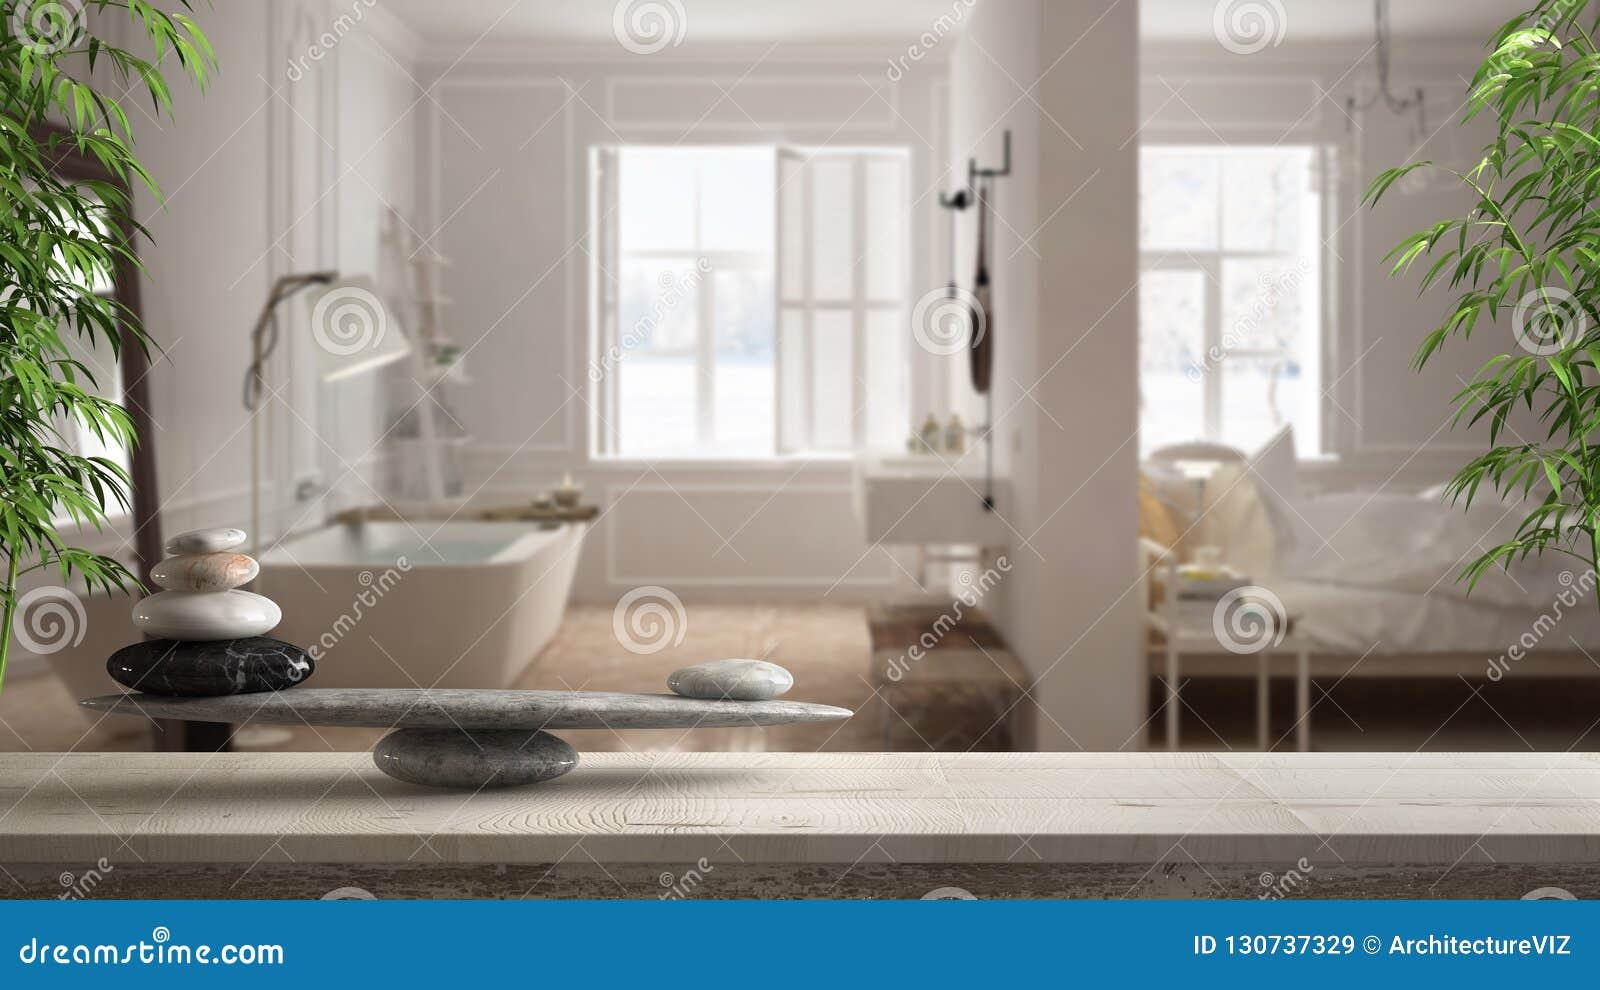 Деревянные винтажные таблица или полка с каменным балансом, над запачканными скандинавскими спальней и bathroom с панорамным окно